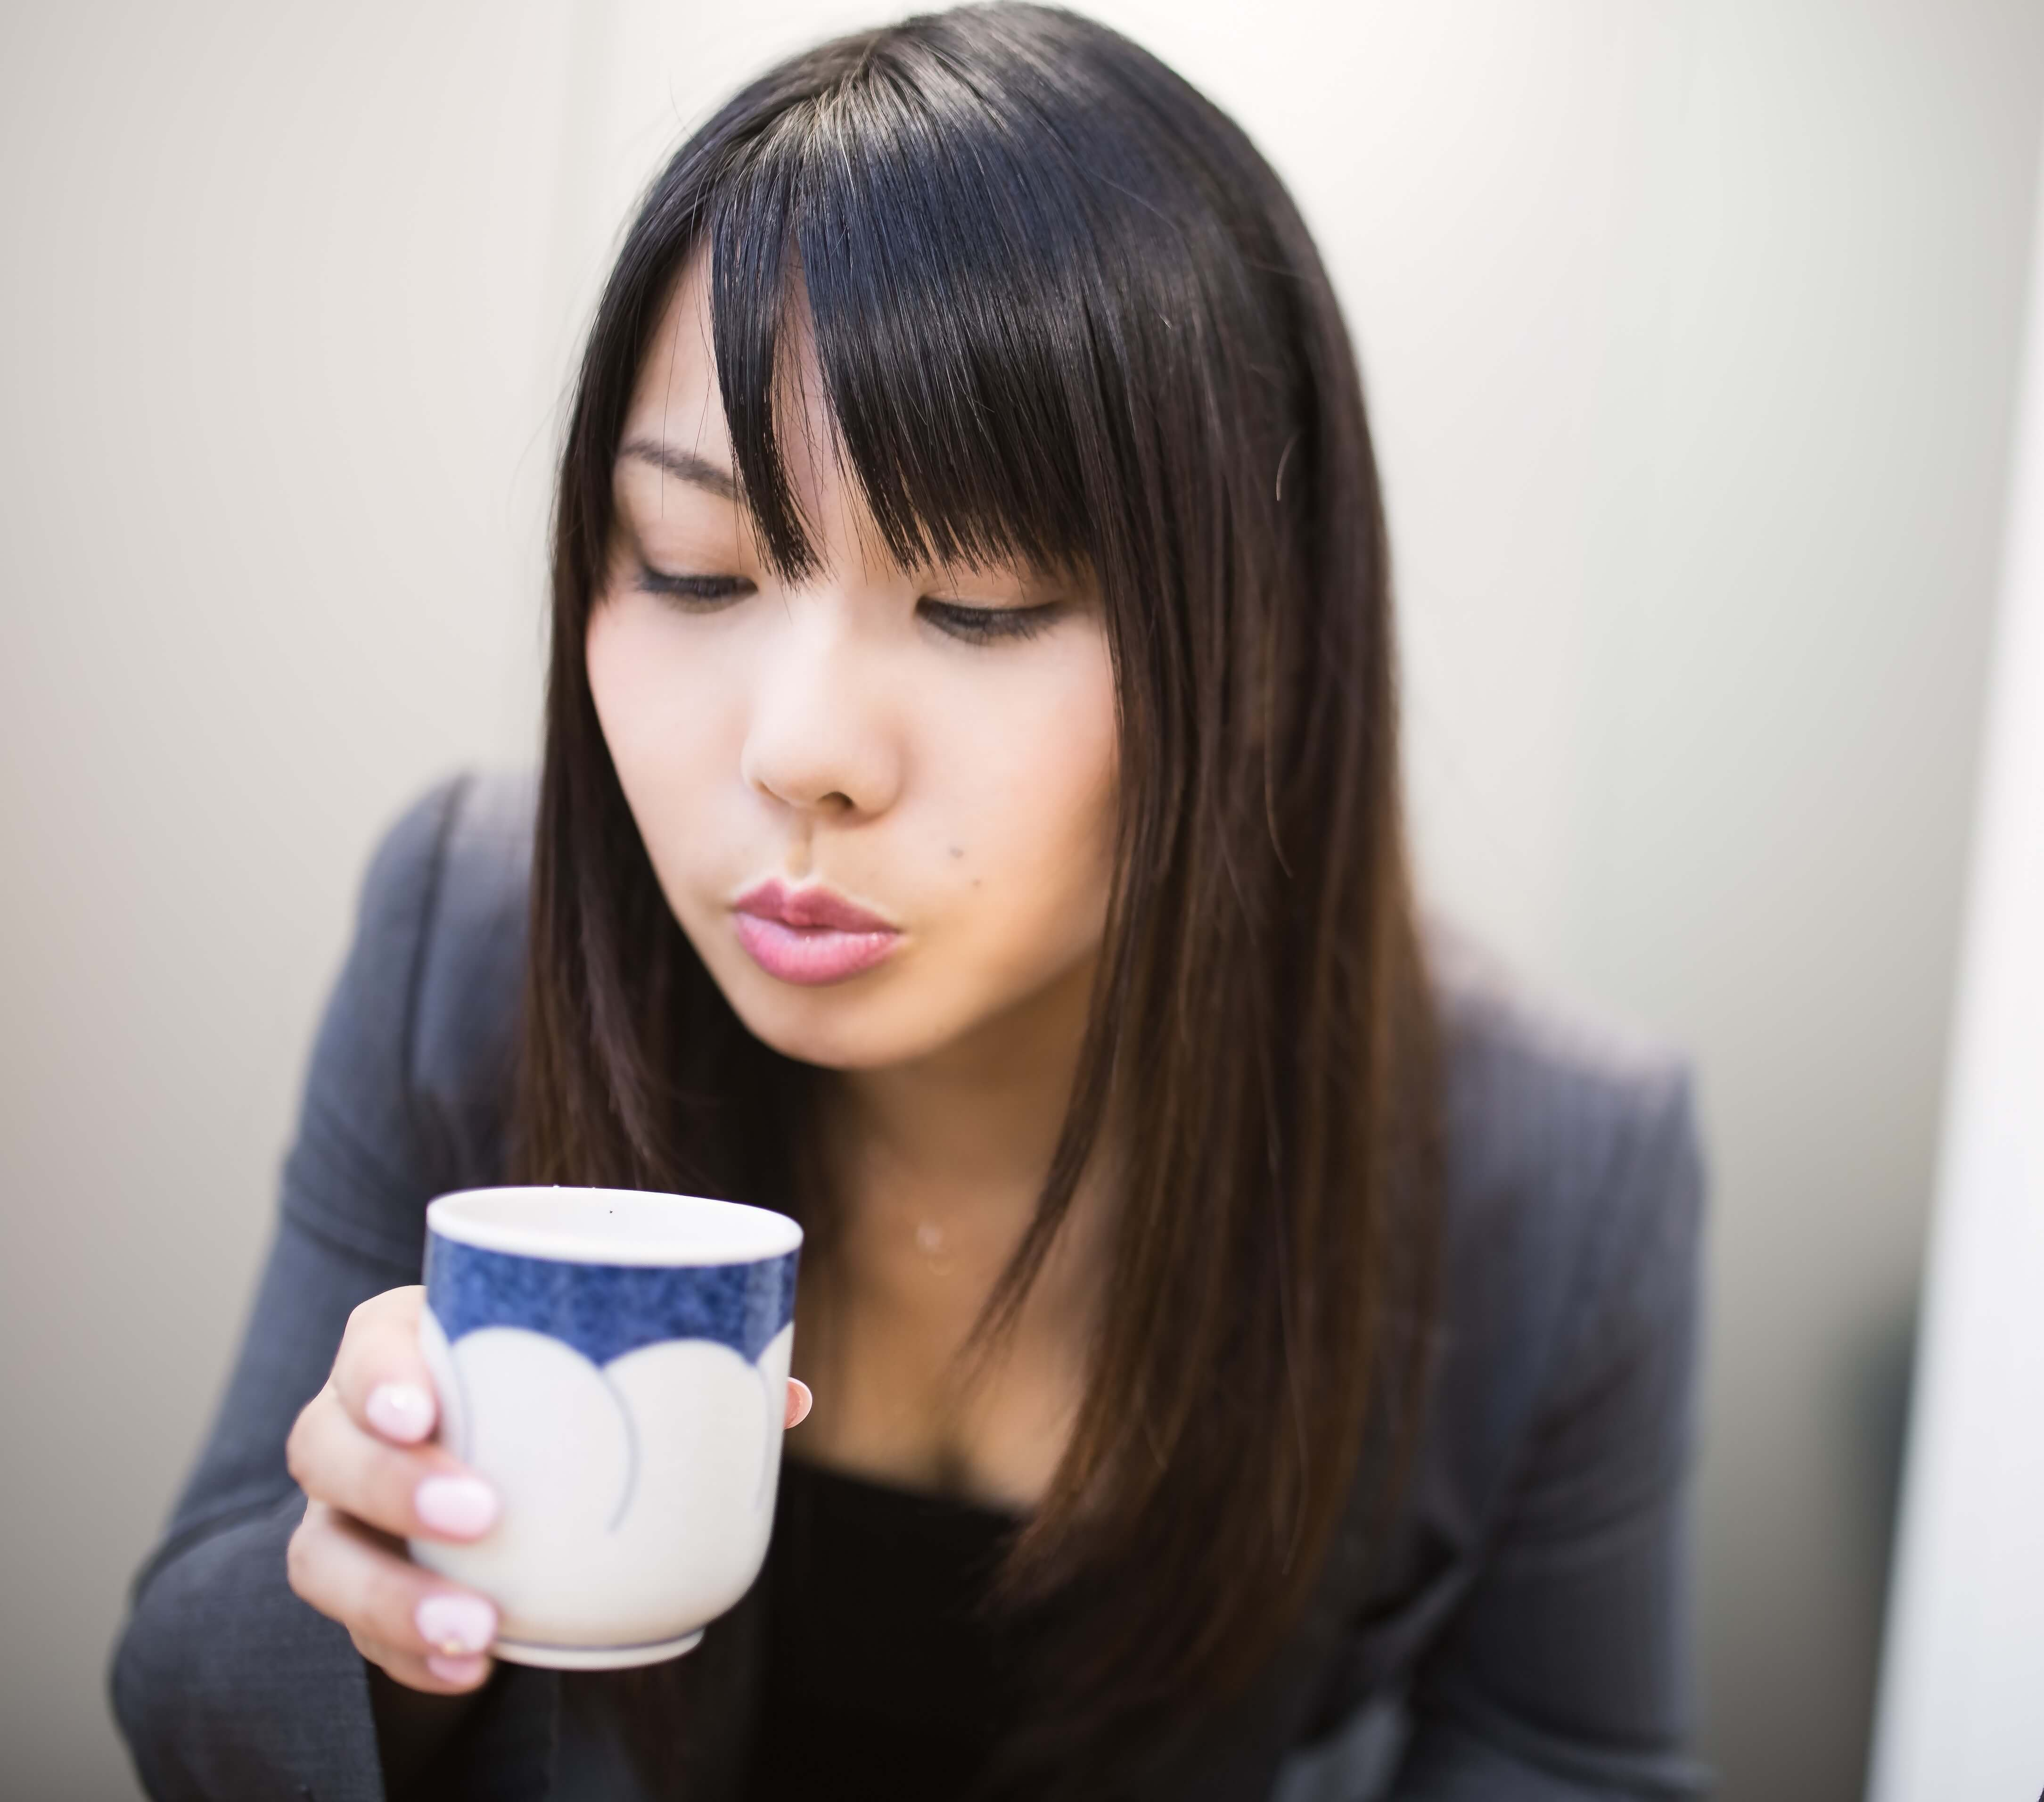 AL003 ocyafufu20140722 - オフィスでモテる女子には共通点が!?職場の男性がカワイイと思うモテ仕草とは